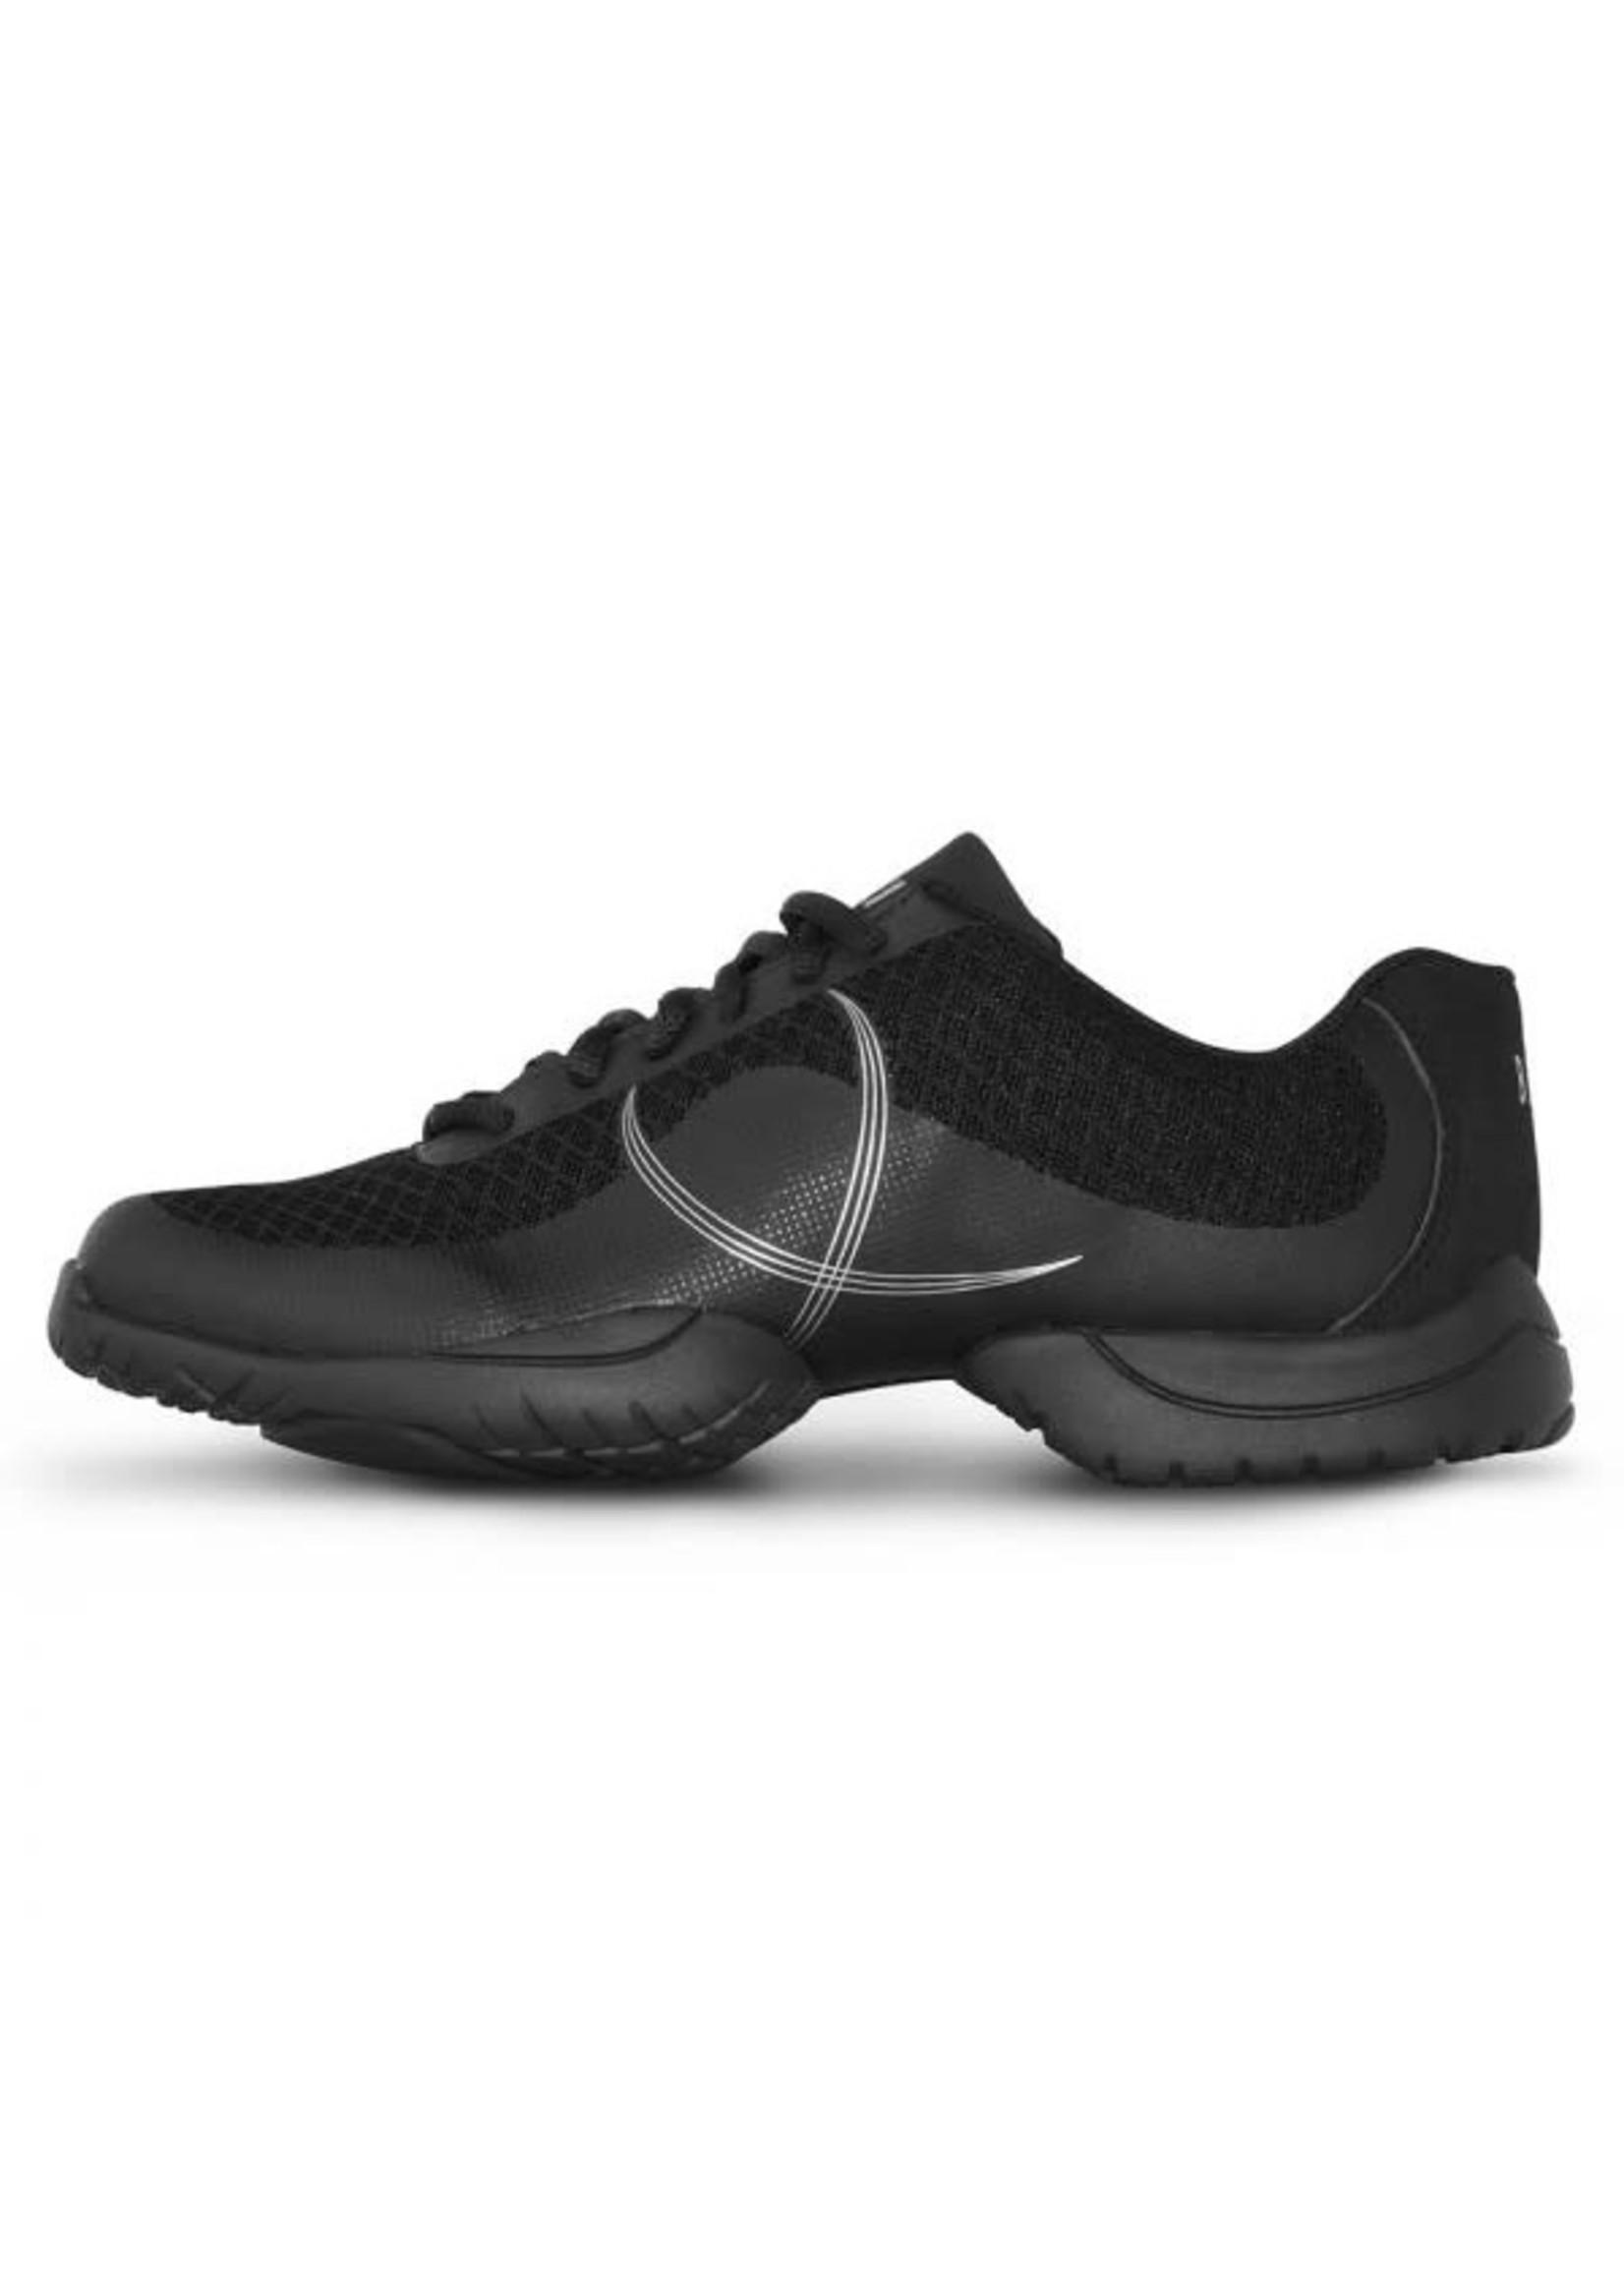 Bloch Espadrilles (Sneaker)  Troupe Adultes - Bloch - S0598L